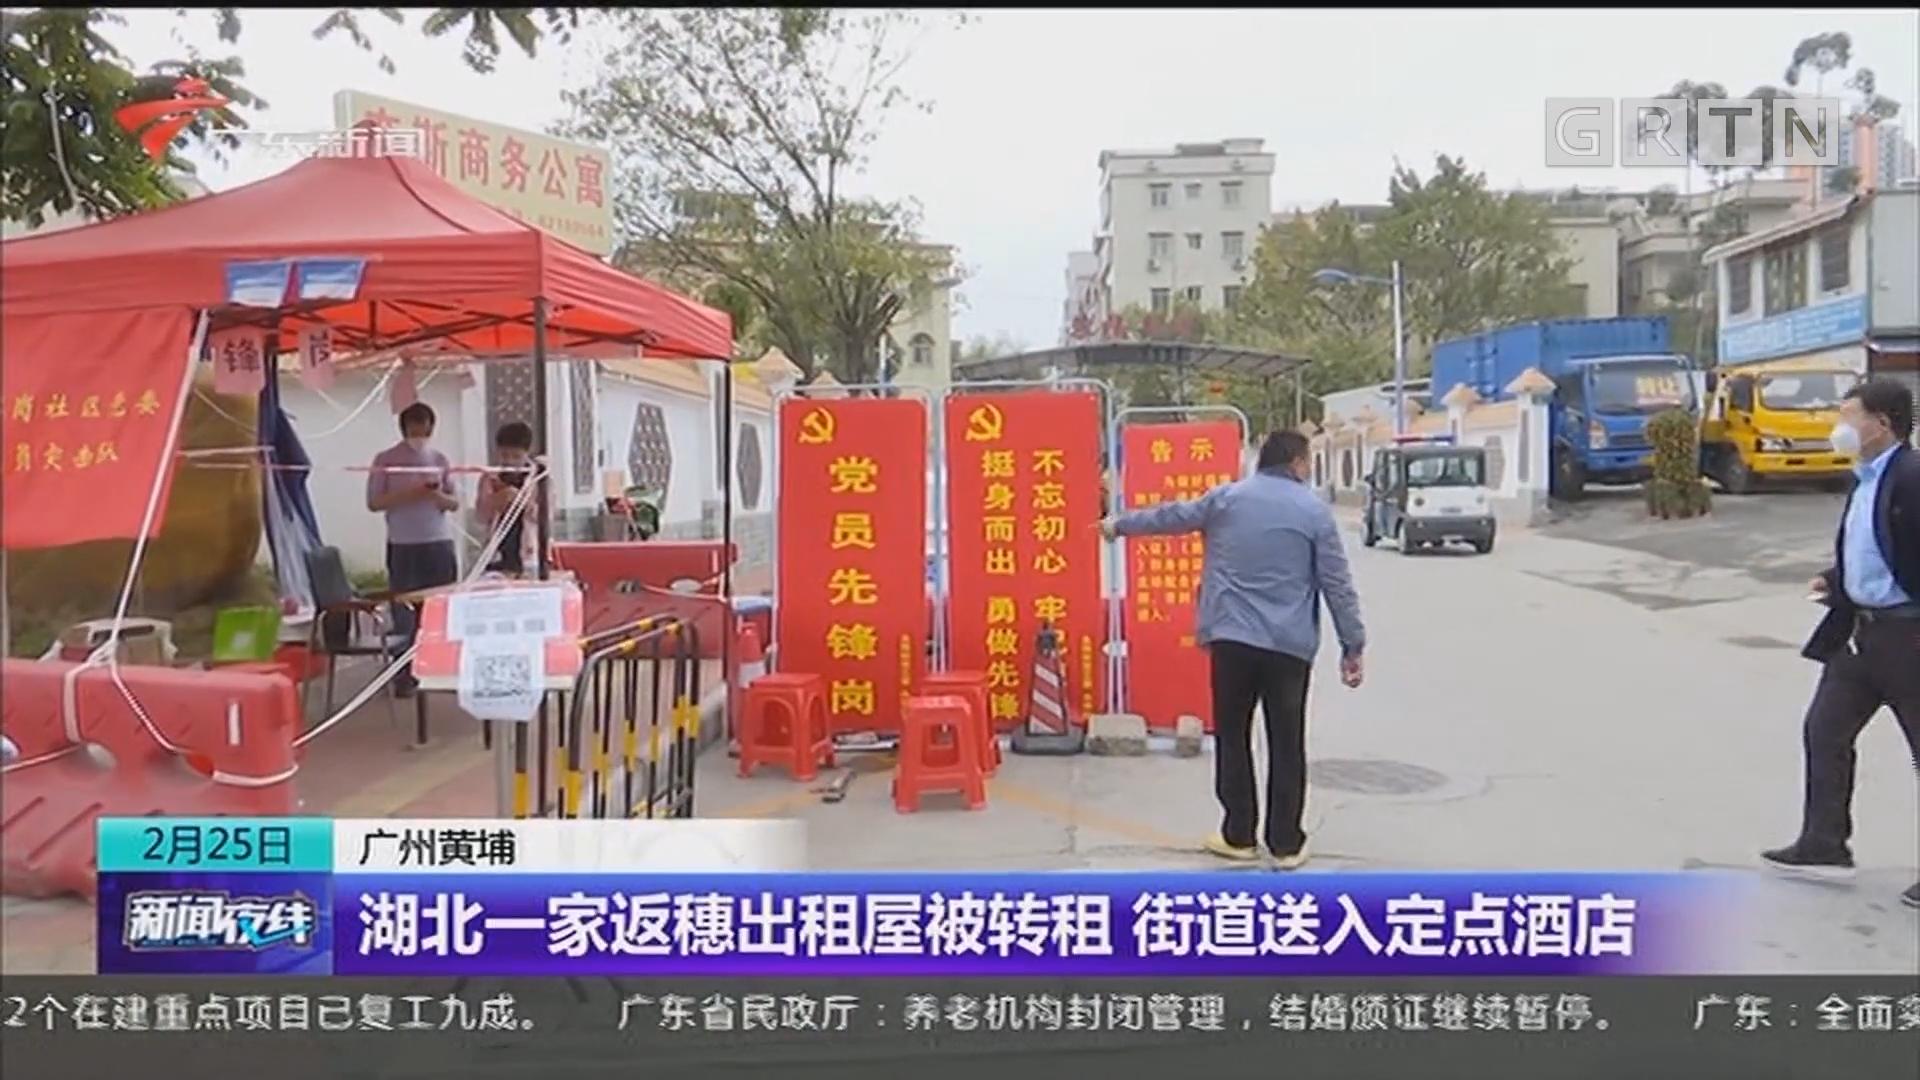 广州黄埔:湖北一家返穗出租屋被转租 街道送入定点酒店